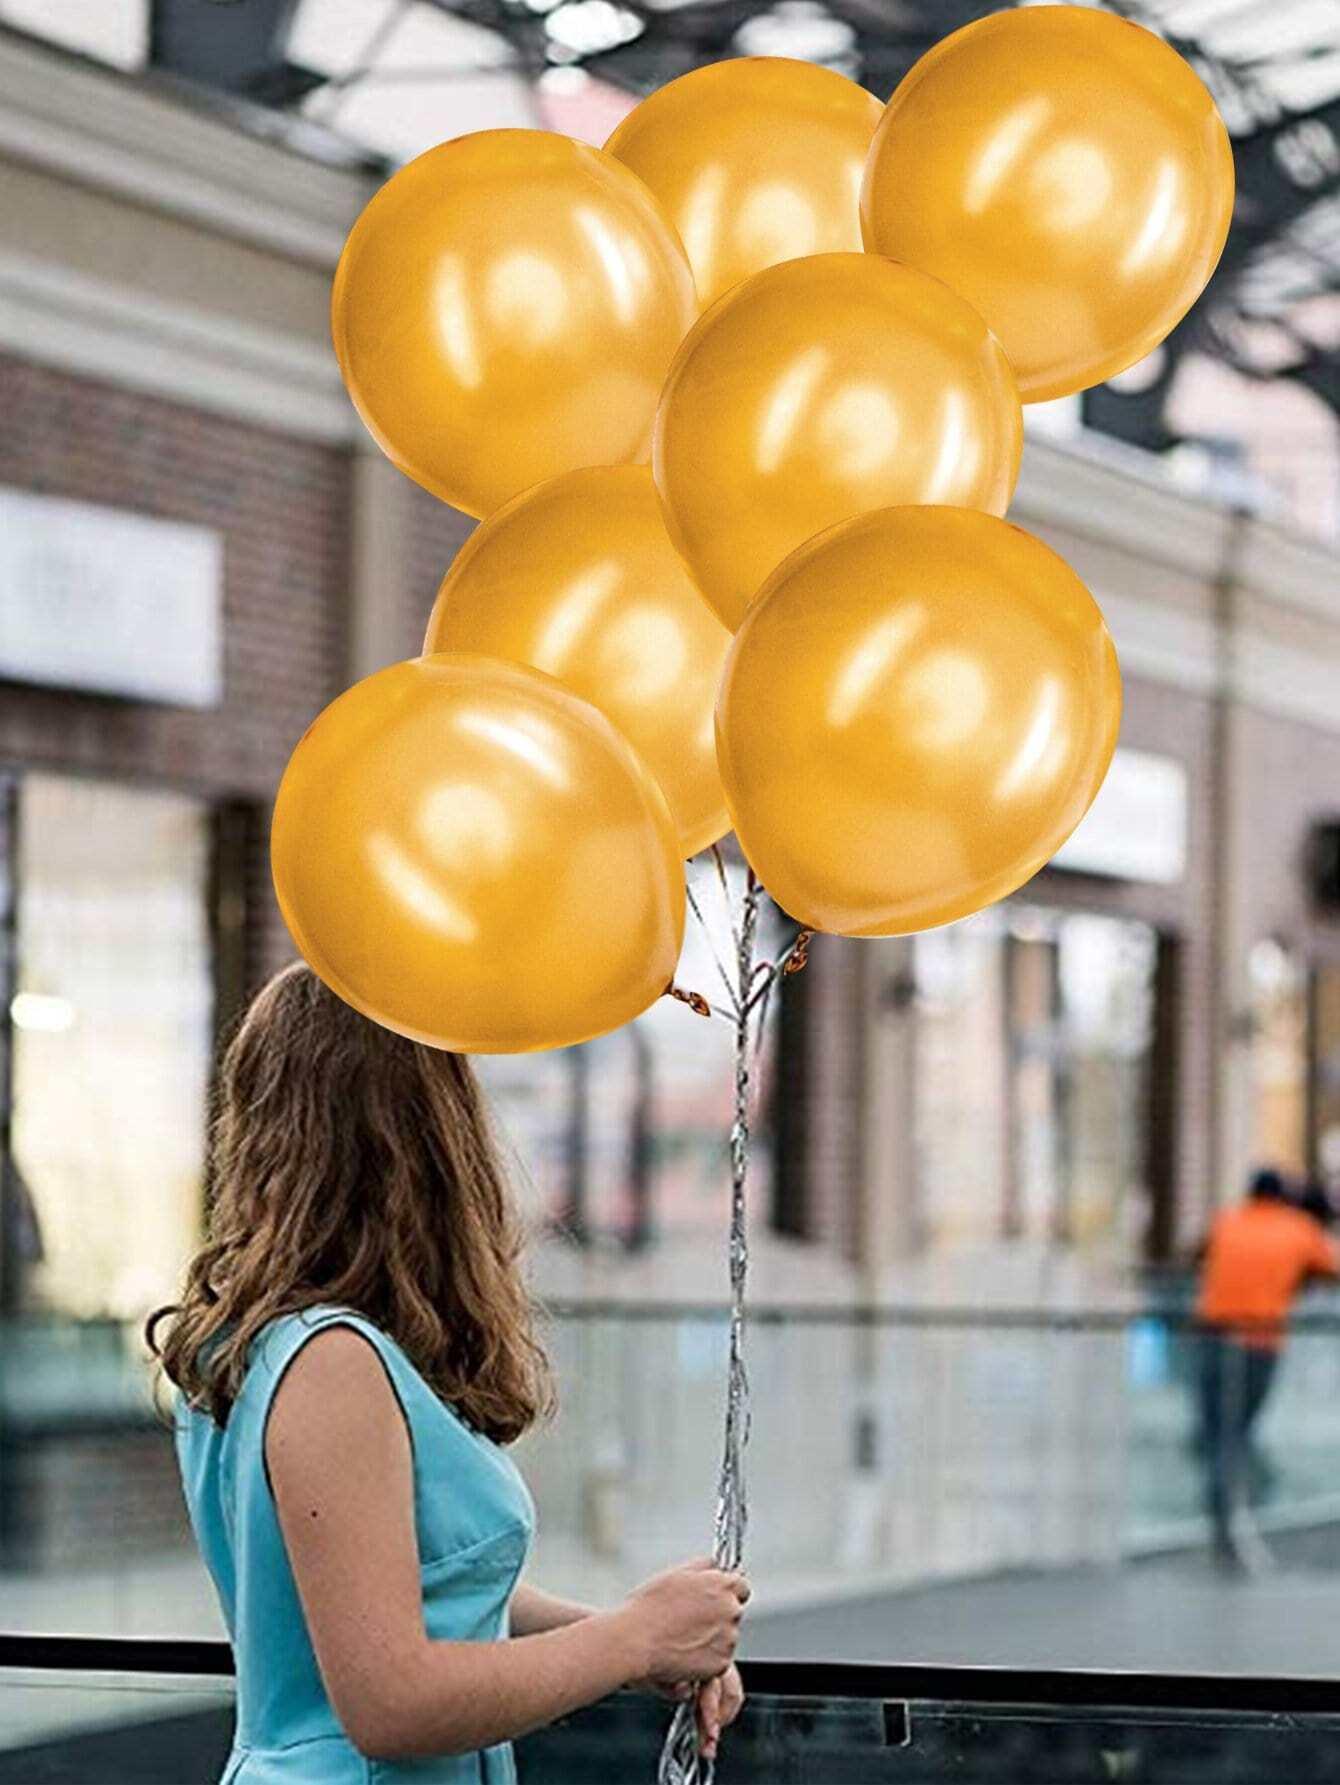 Купить 10 дюймов круглый воздушный шар 30 шт, null, SheIn